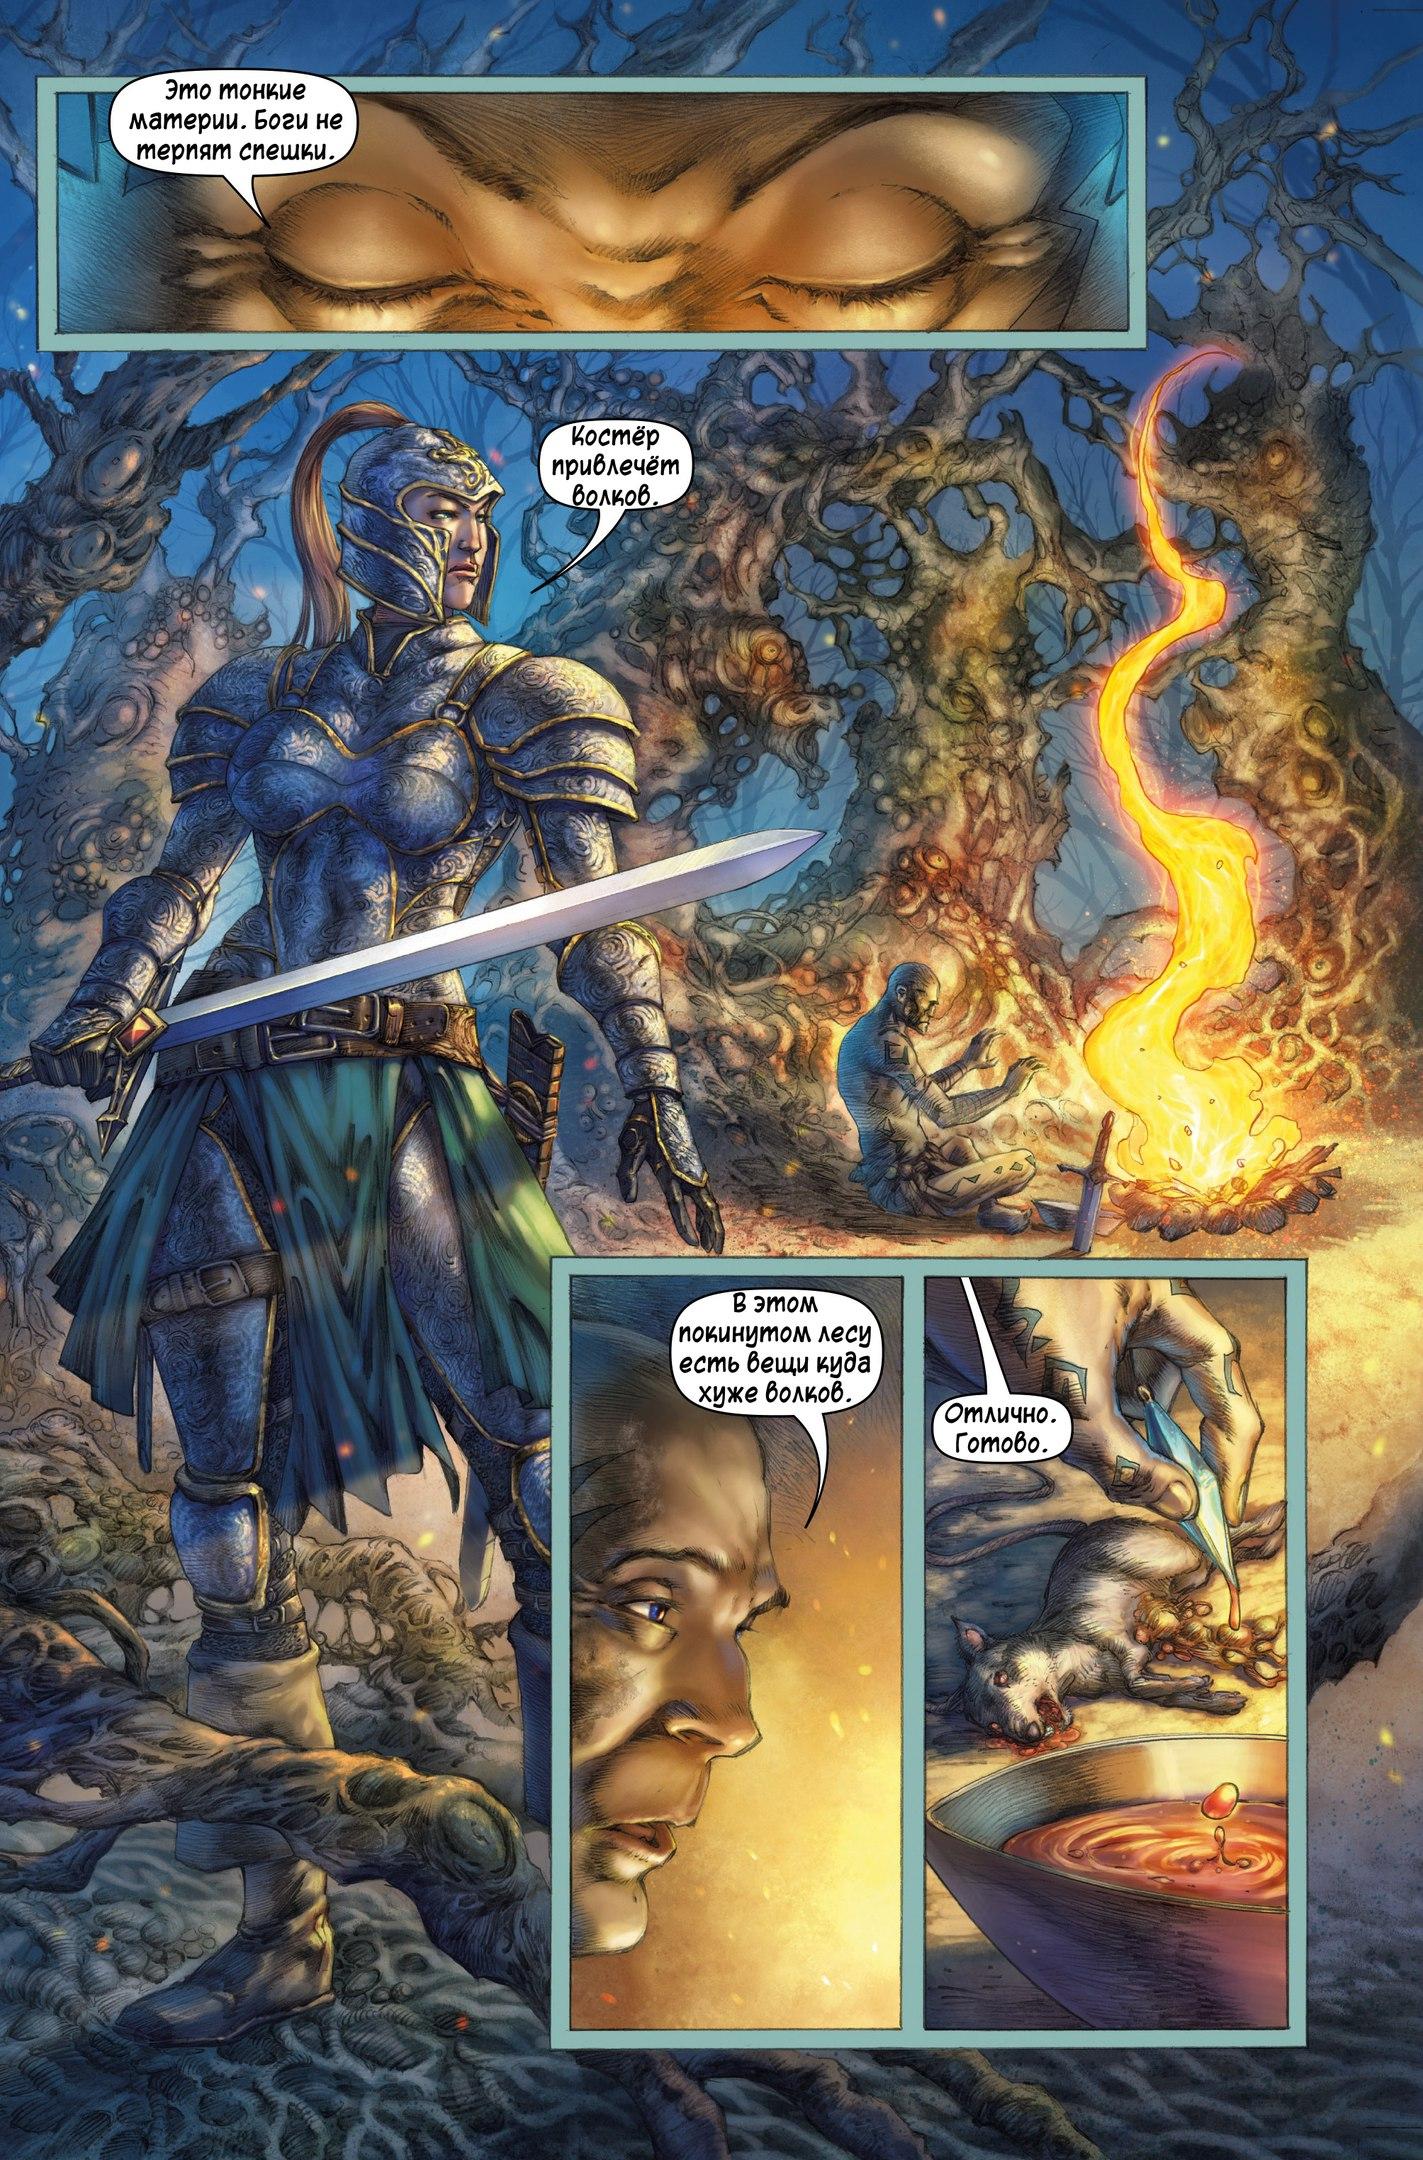 Немного комиксов по Dark Souls.(часть 2) - Изображение 4